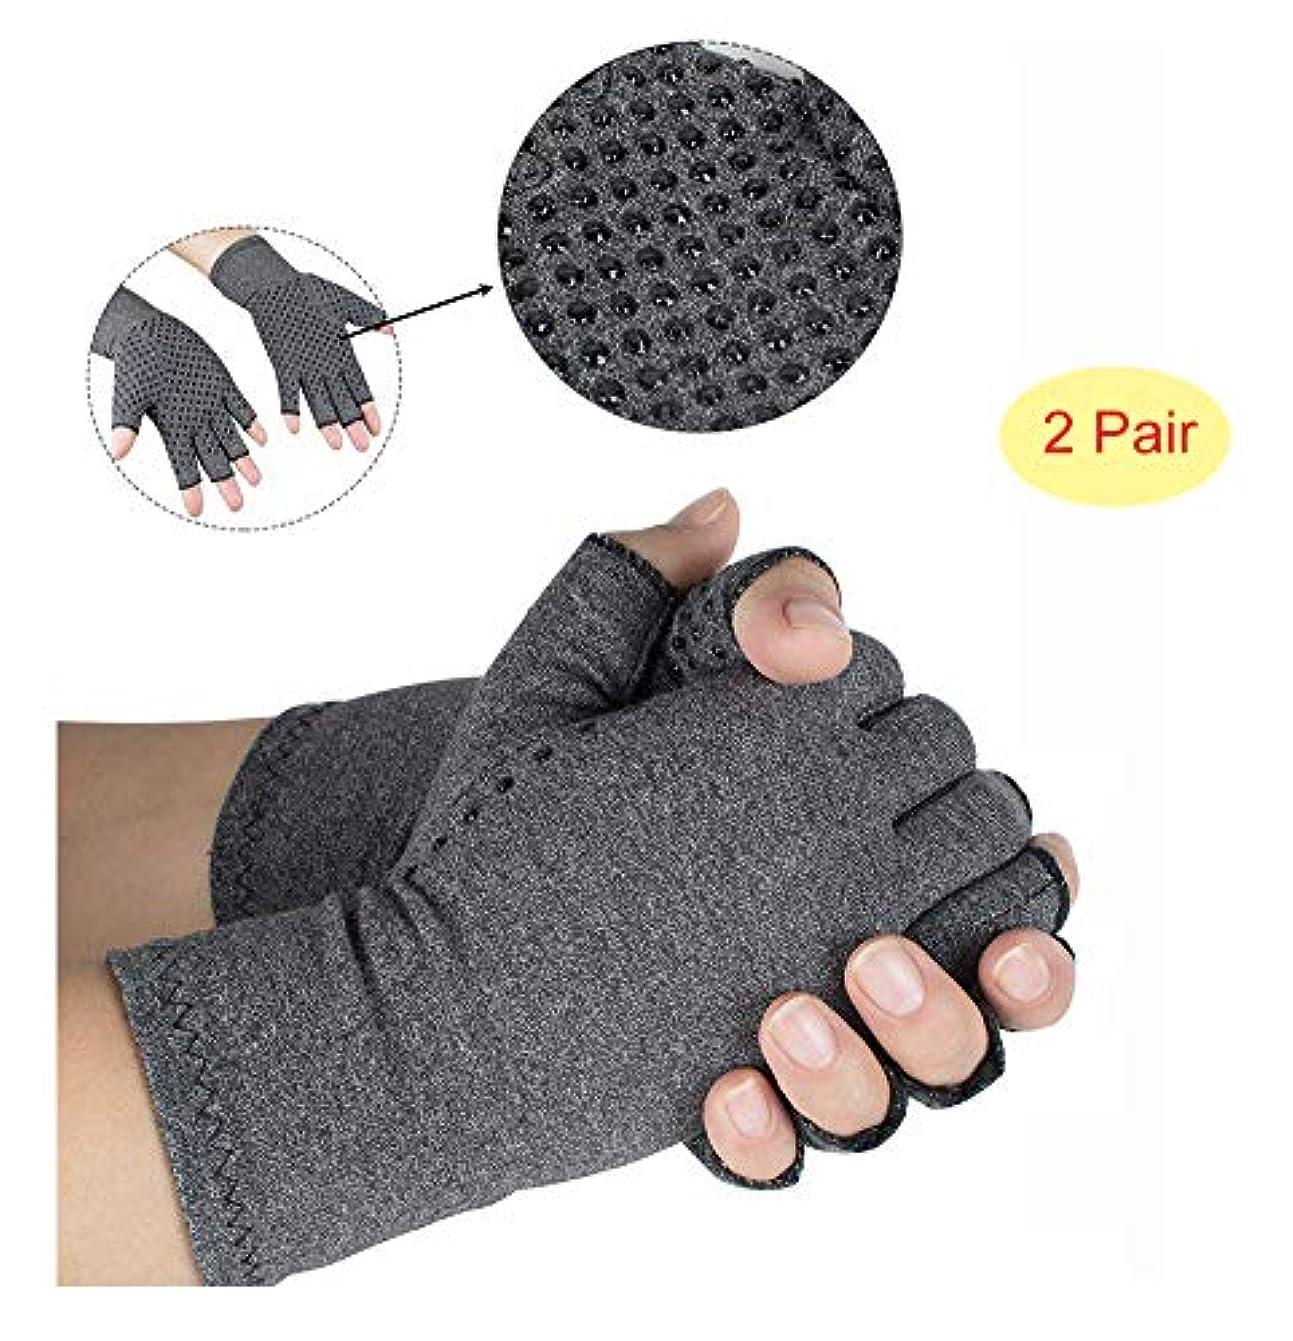 ランチクラフト危機関節炎手袋、灰色の滑り止め、毎日の仕事、手と関節の痛みの軽減のための抗関節炎の健康療法の圧縮手袋,2Pair,L